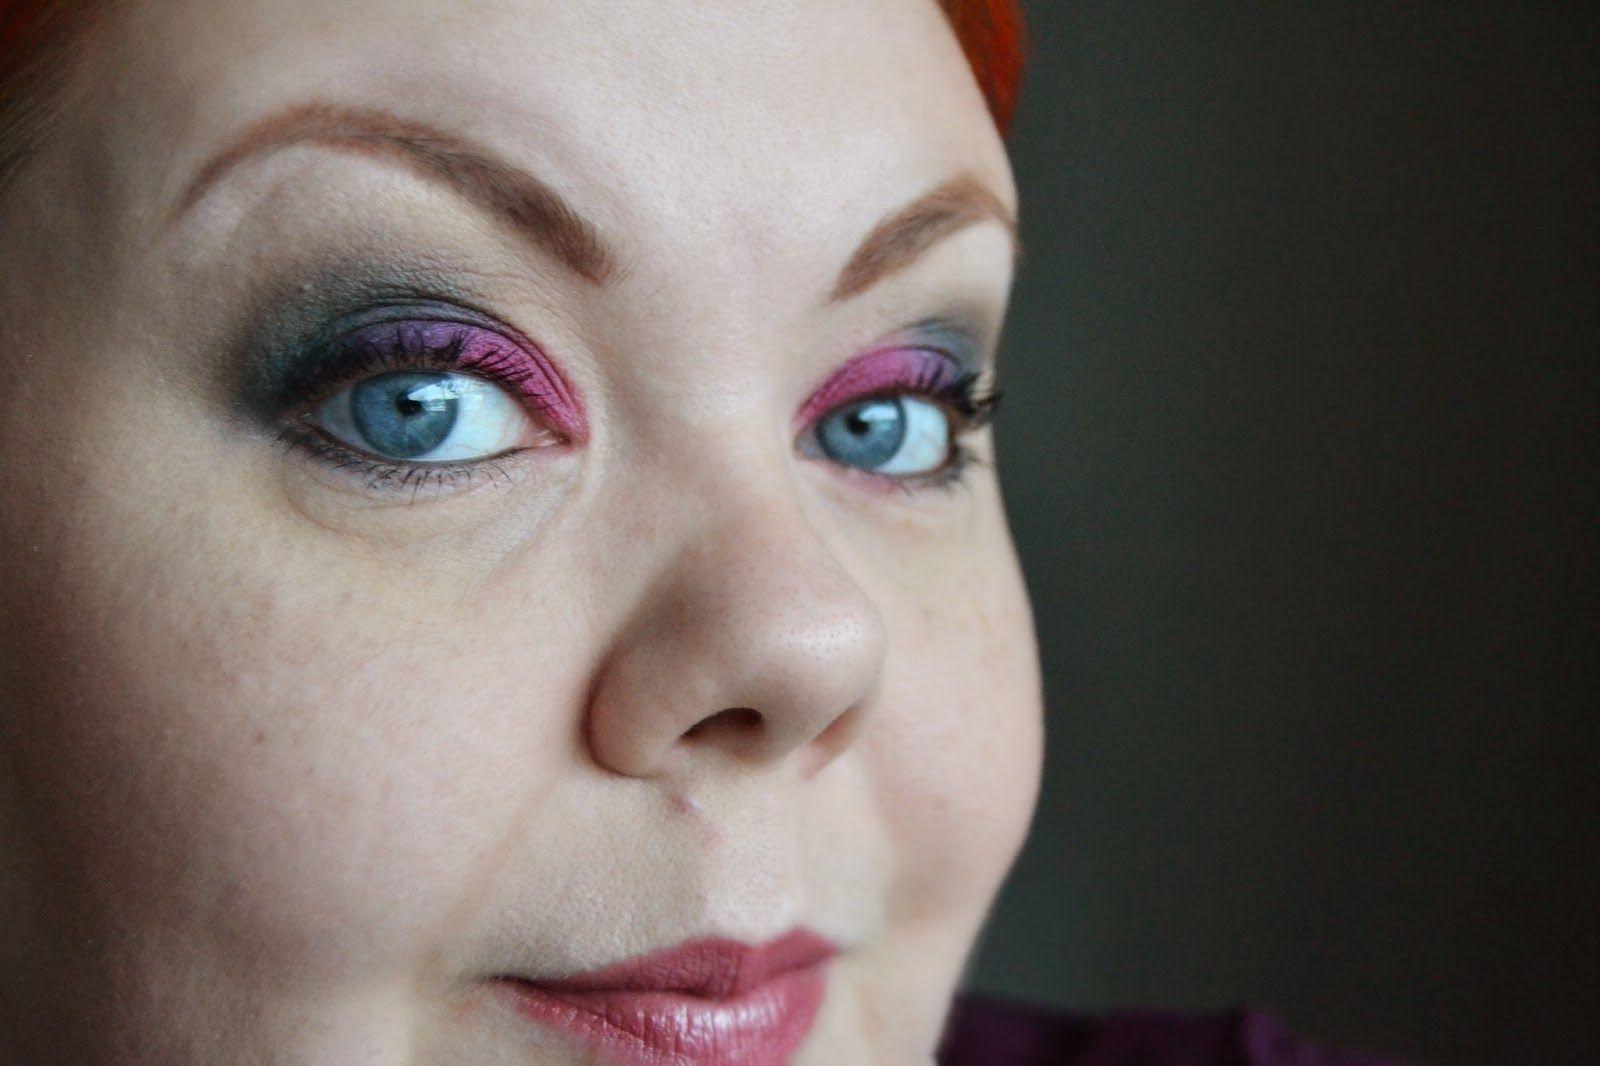 Nonnula -bloggaaja loihti värikkään silmämeikin Avon-tuotteilla: Avon Luxe luomivärit Ravishing Ruby, Mega Effects rajaustussi, Big & Daring ripsiväri. | #AvonMakeup